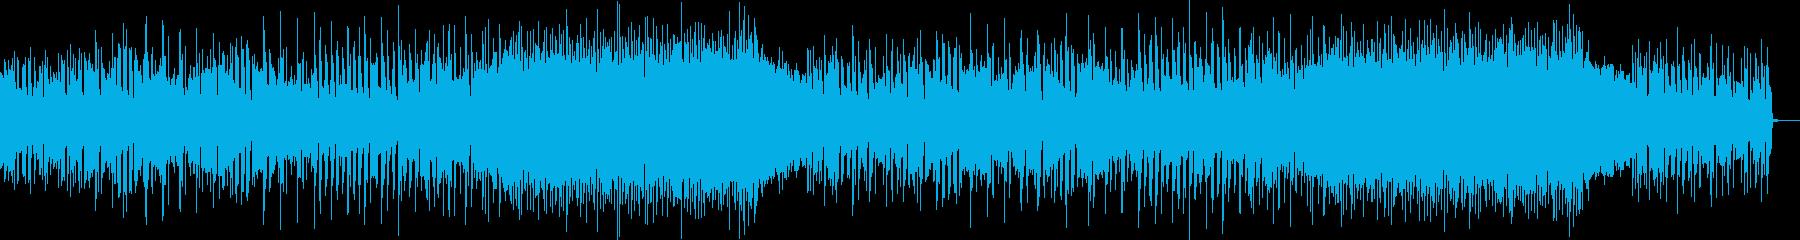 ほのぼのとしたメキシカンソングの再生済みの波形